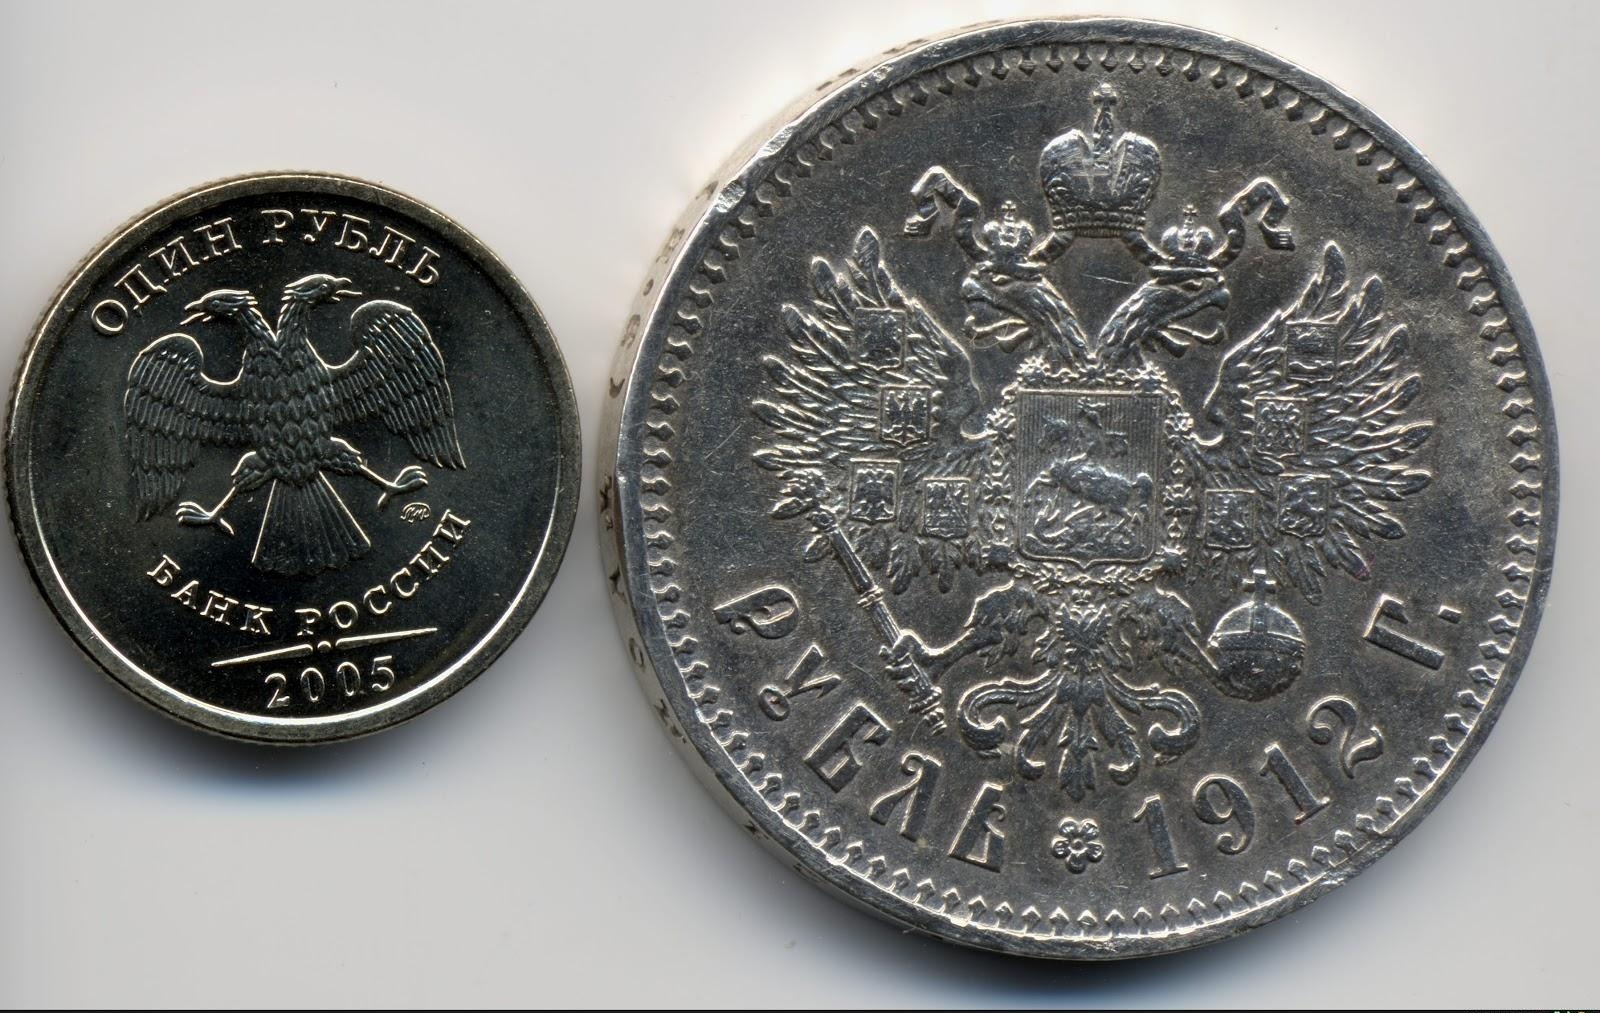 способ вылетающих, картинка рубли с гербом российской федерации считается самым большим